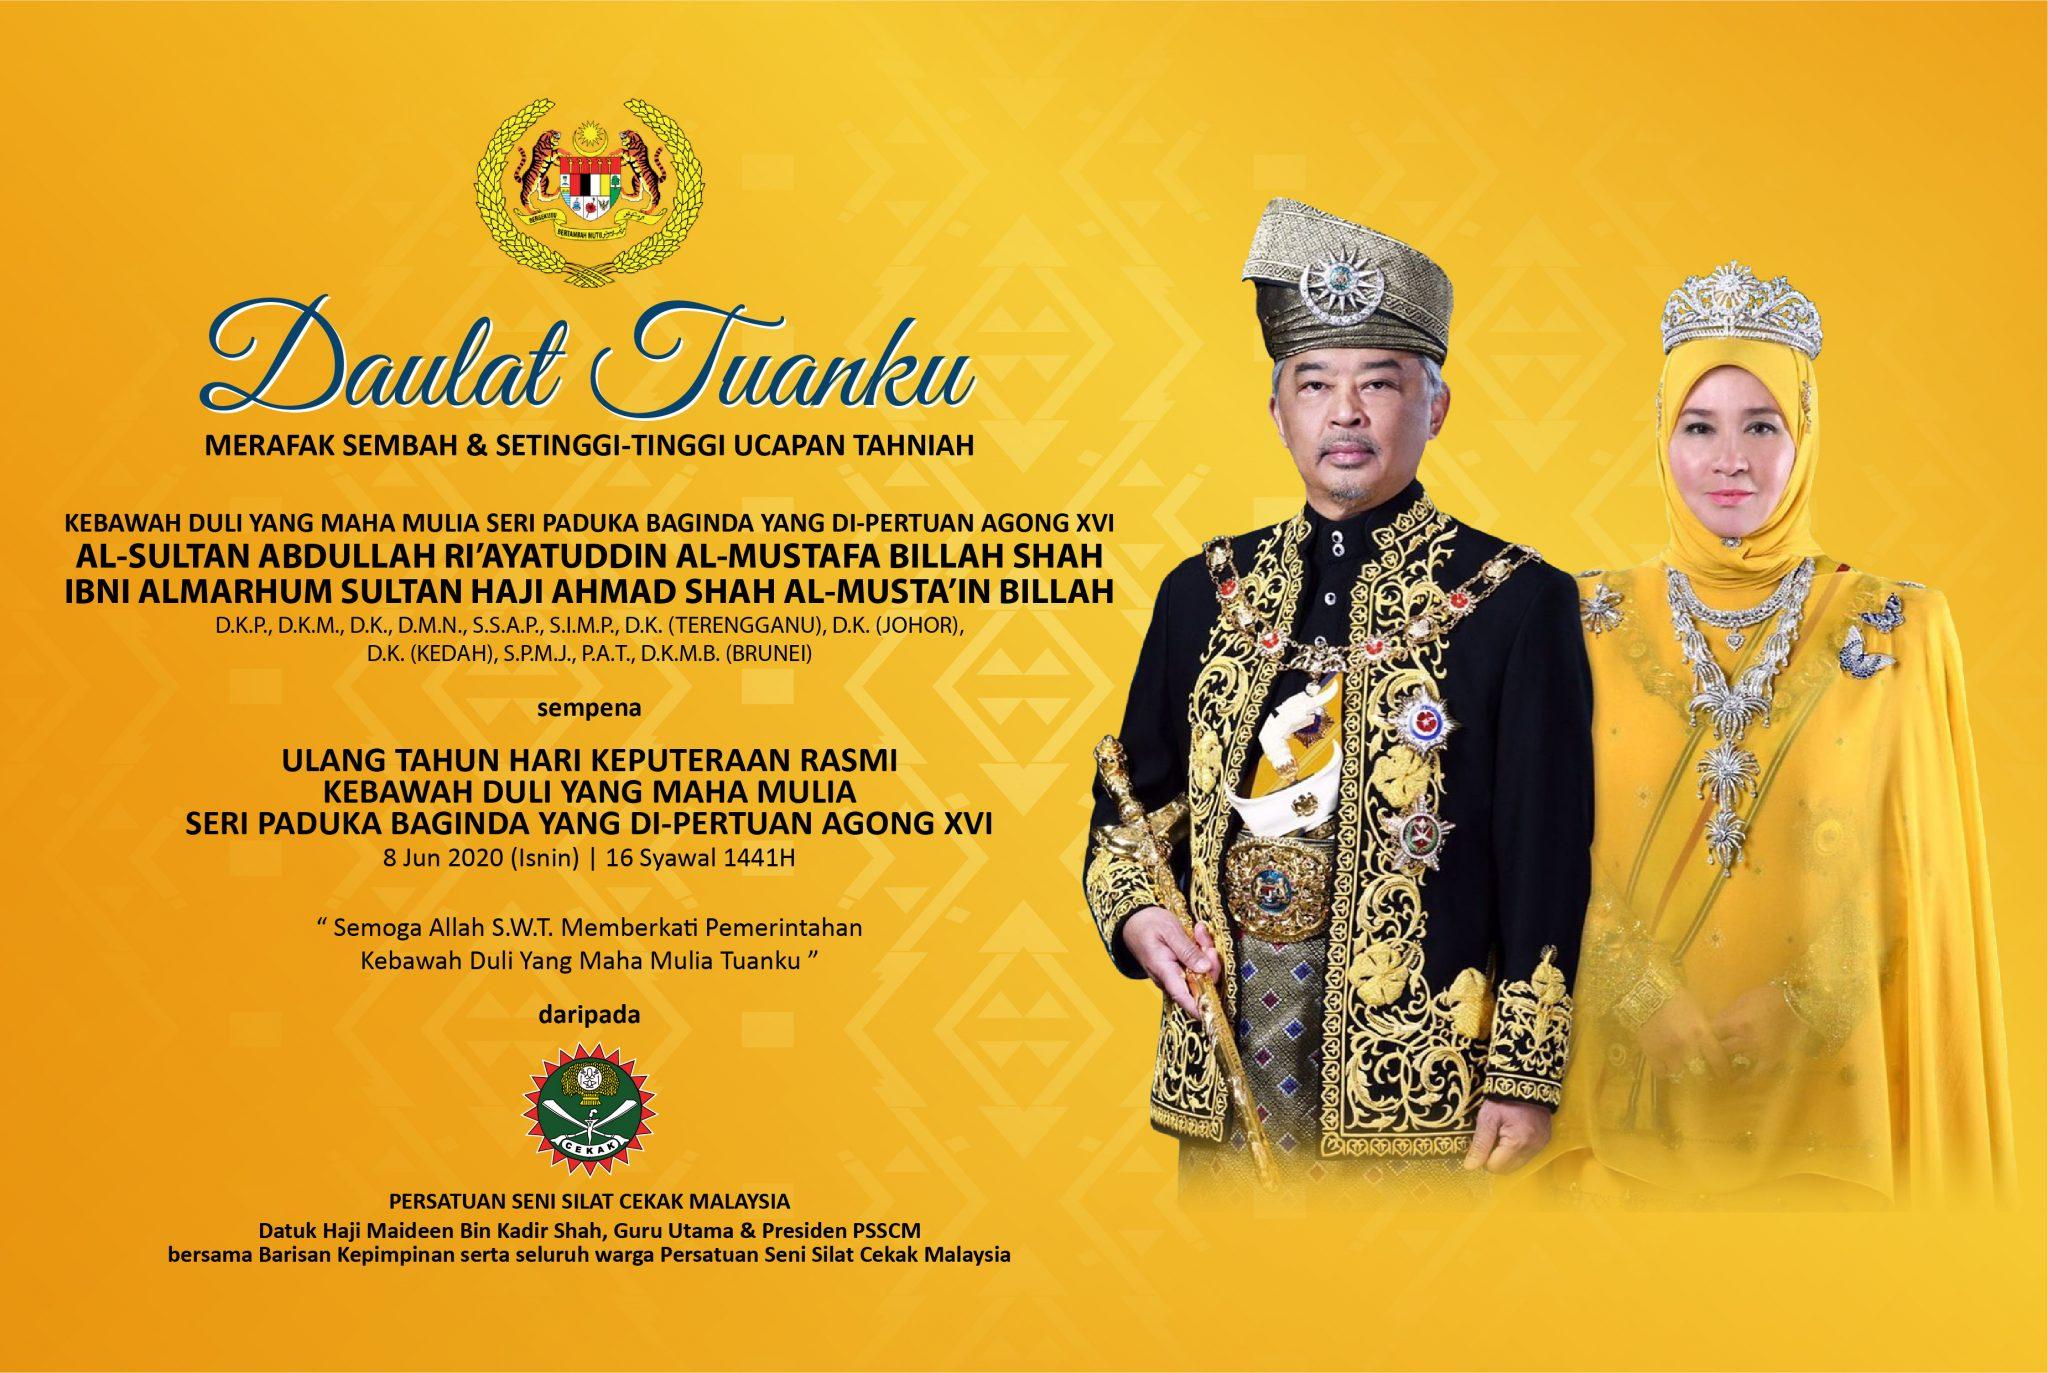 Merafak Sembah Setinggi Tinggi Ucapan Tahniah Hari Keputeraan Kebawah Duli Yang Maha Mulia Seri Paduka Baginda Yang Di Pertuan Agong Xvi Persatuan Seni Silat Cekak Malaysia